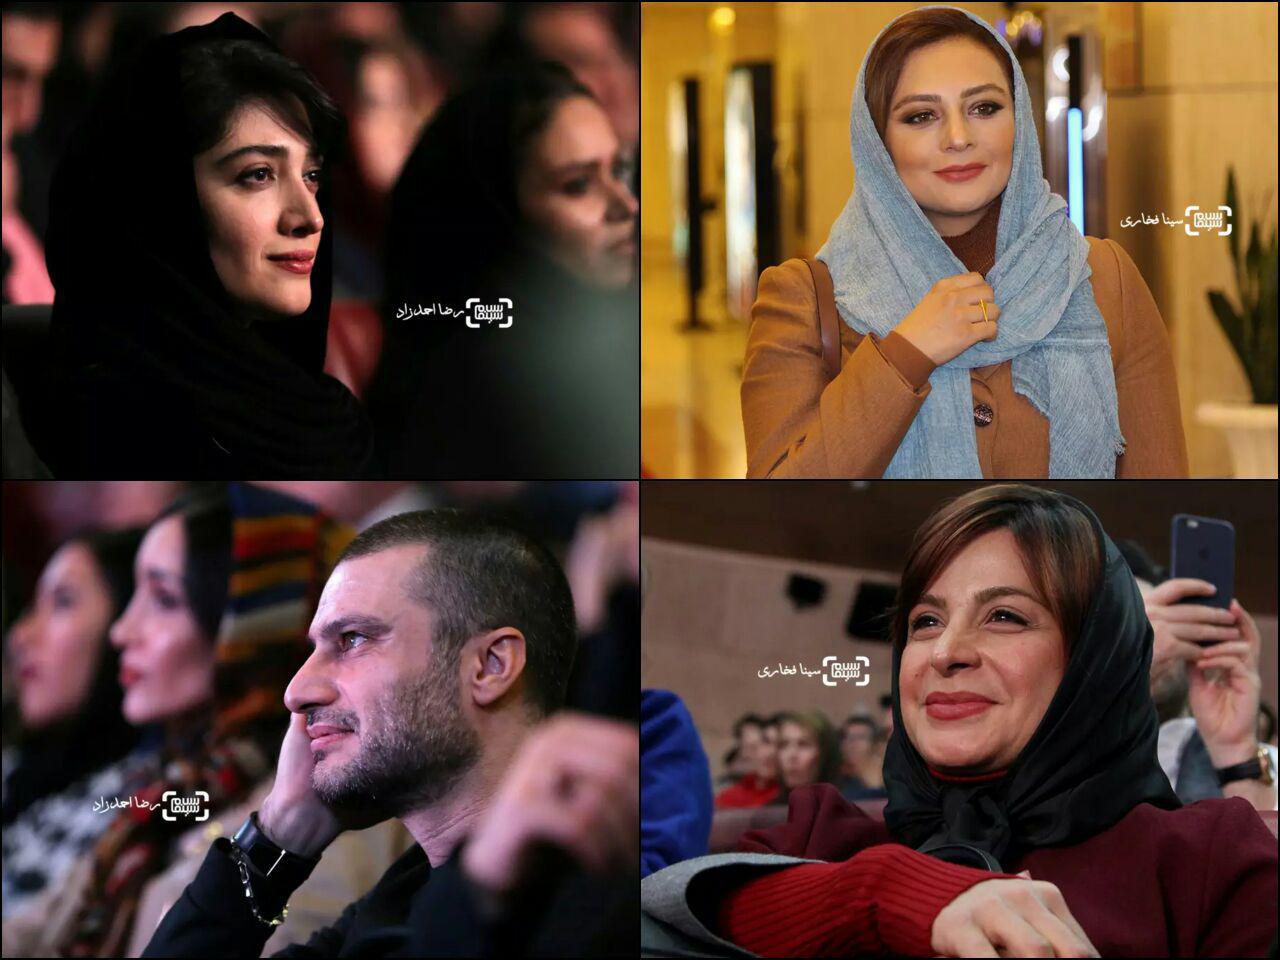 گزارش تصویری مراسم افتتاحیه سی و پنجمین جشنواره فیلم فجر 2